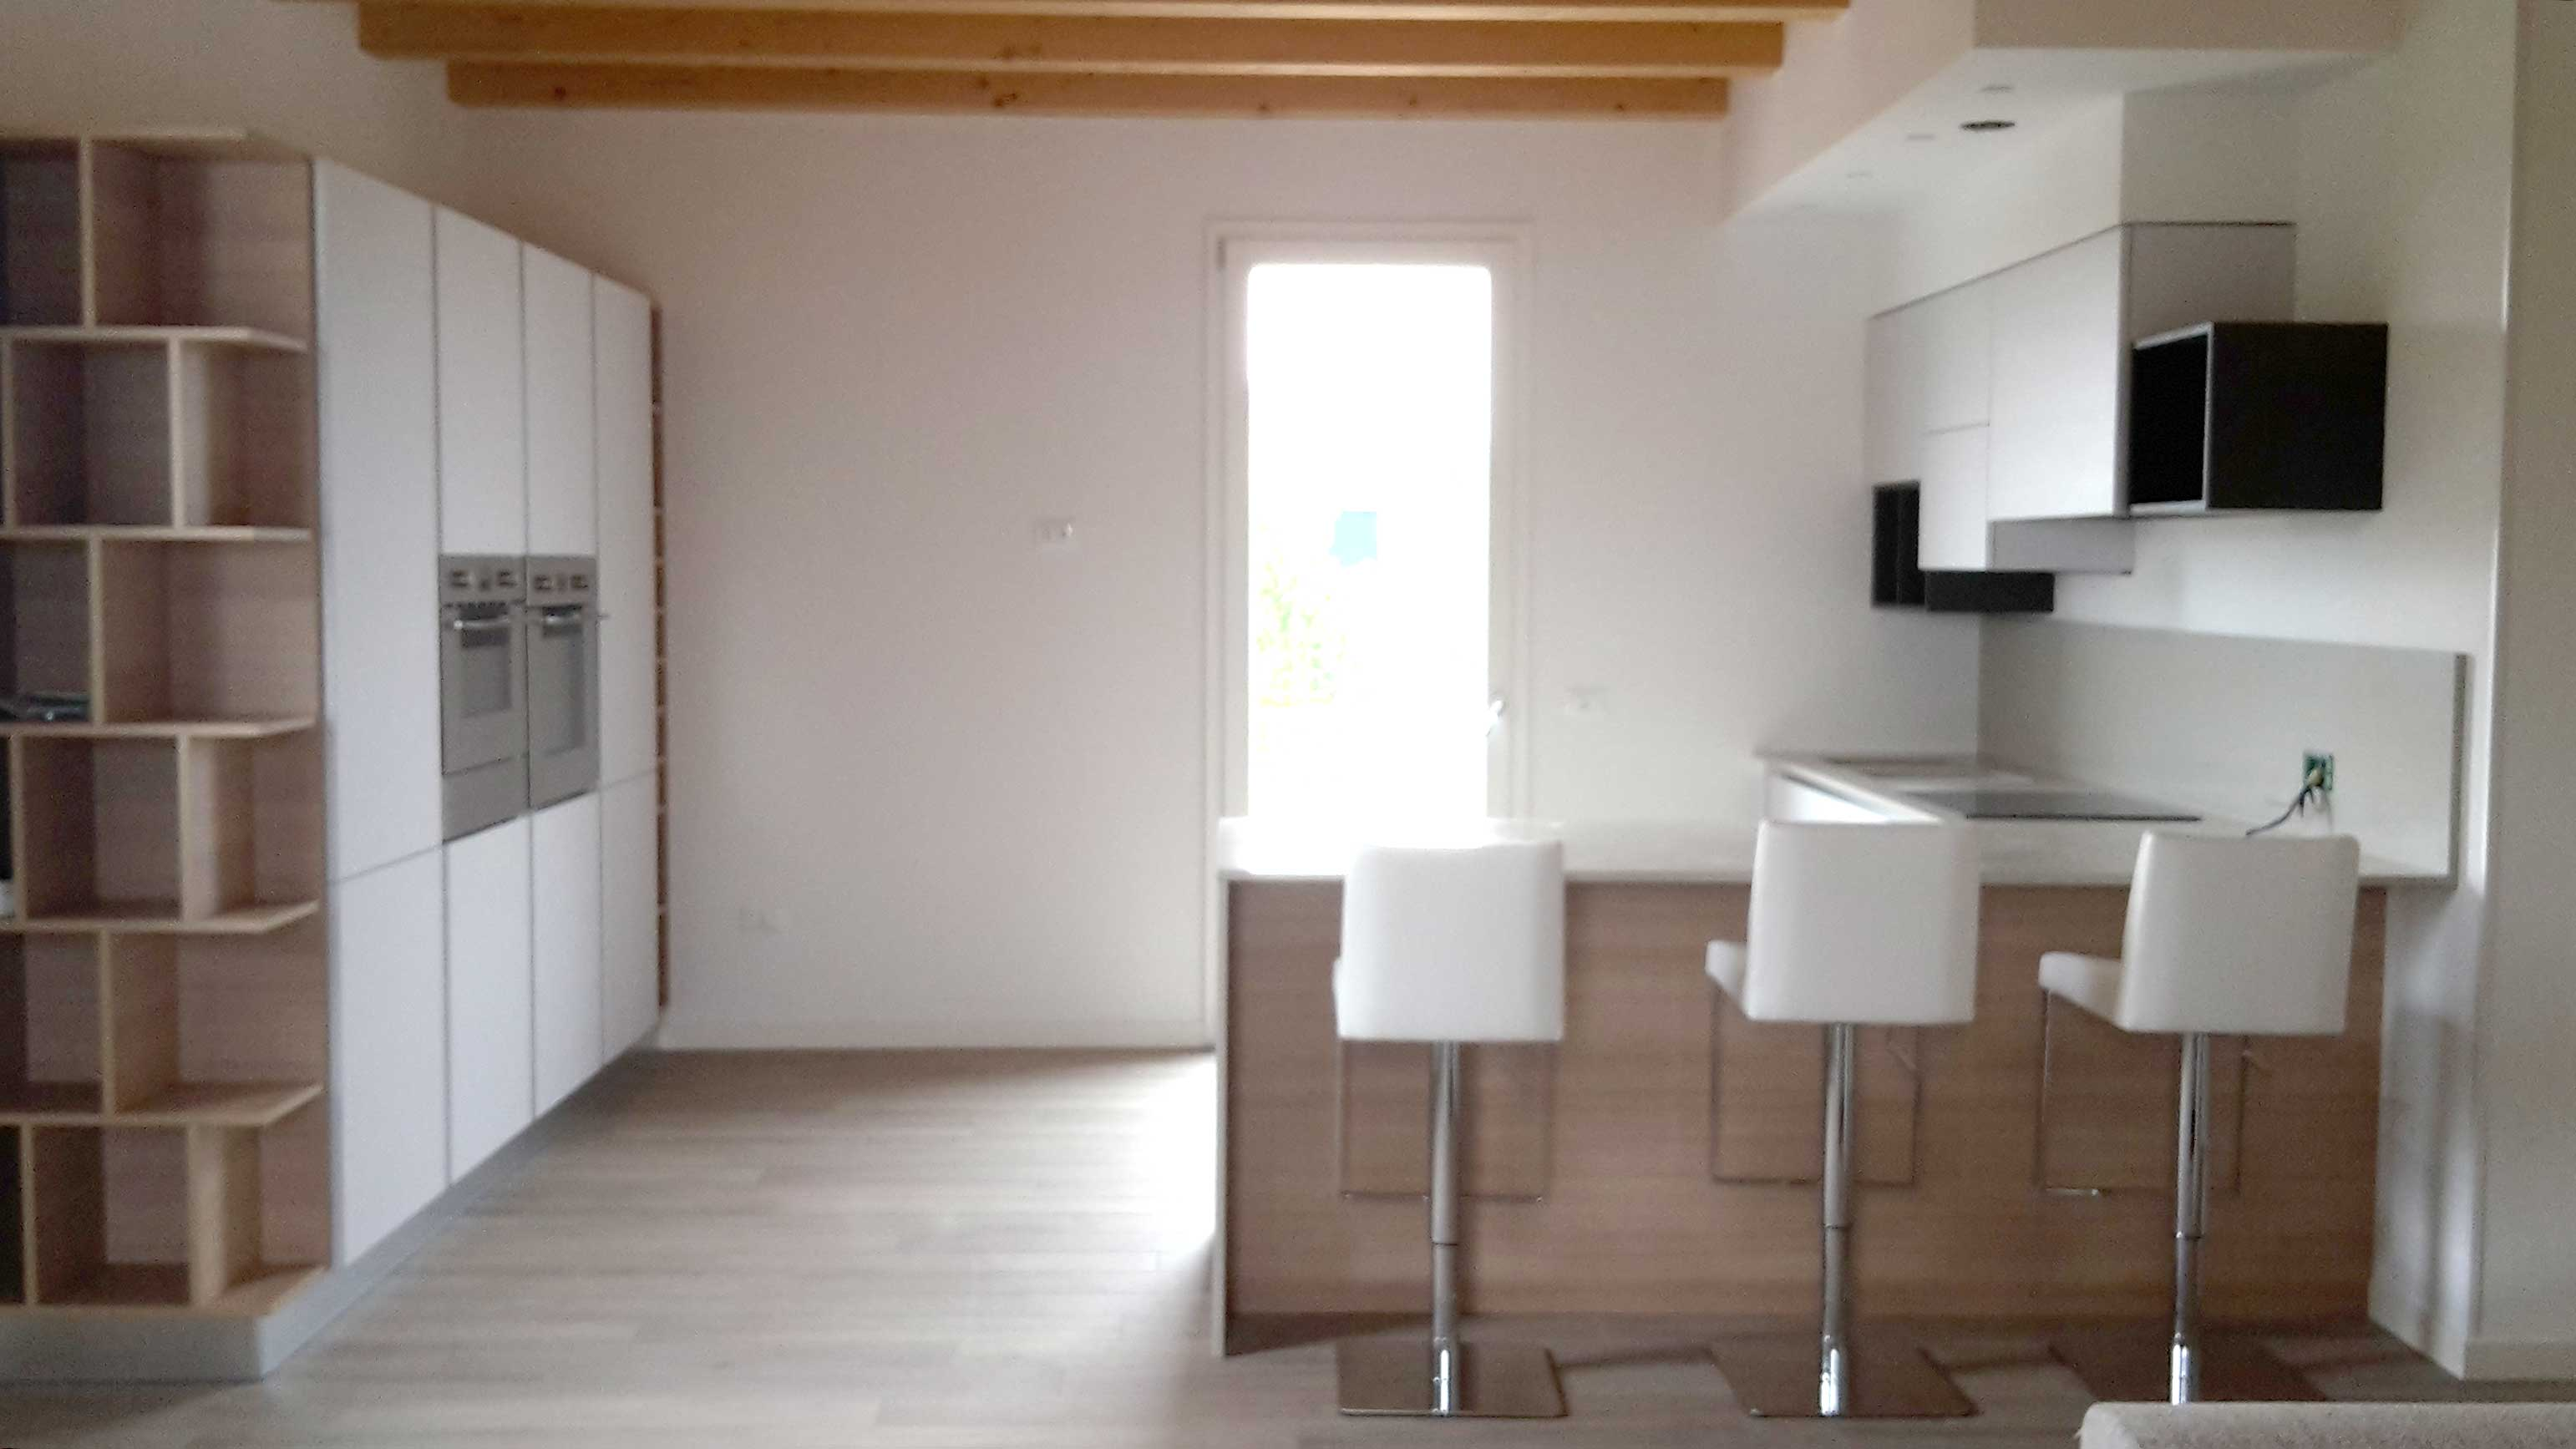 Arredo Completo Per Monolocale arredamento completo   progetto casa